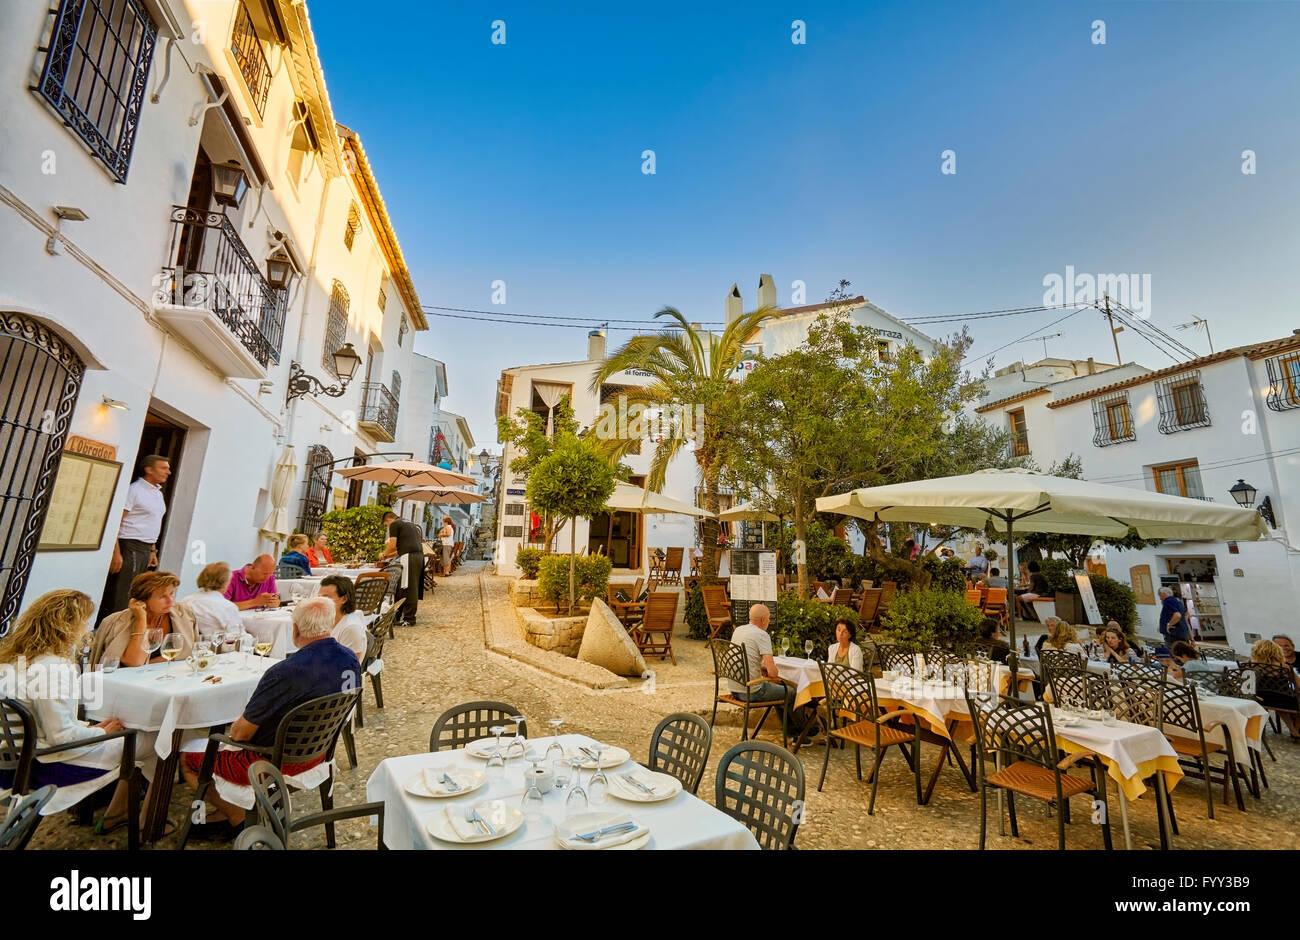 Restaurants and terraces in altea alicante valencia - Stock uno alicante ...